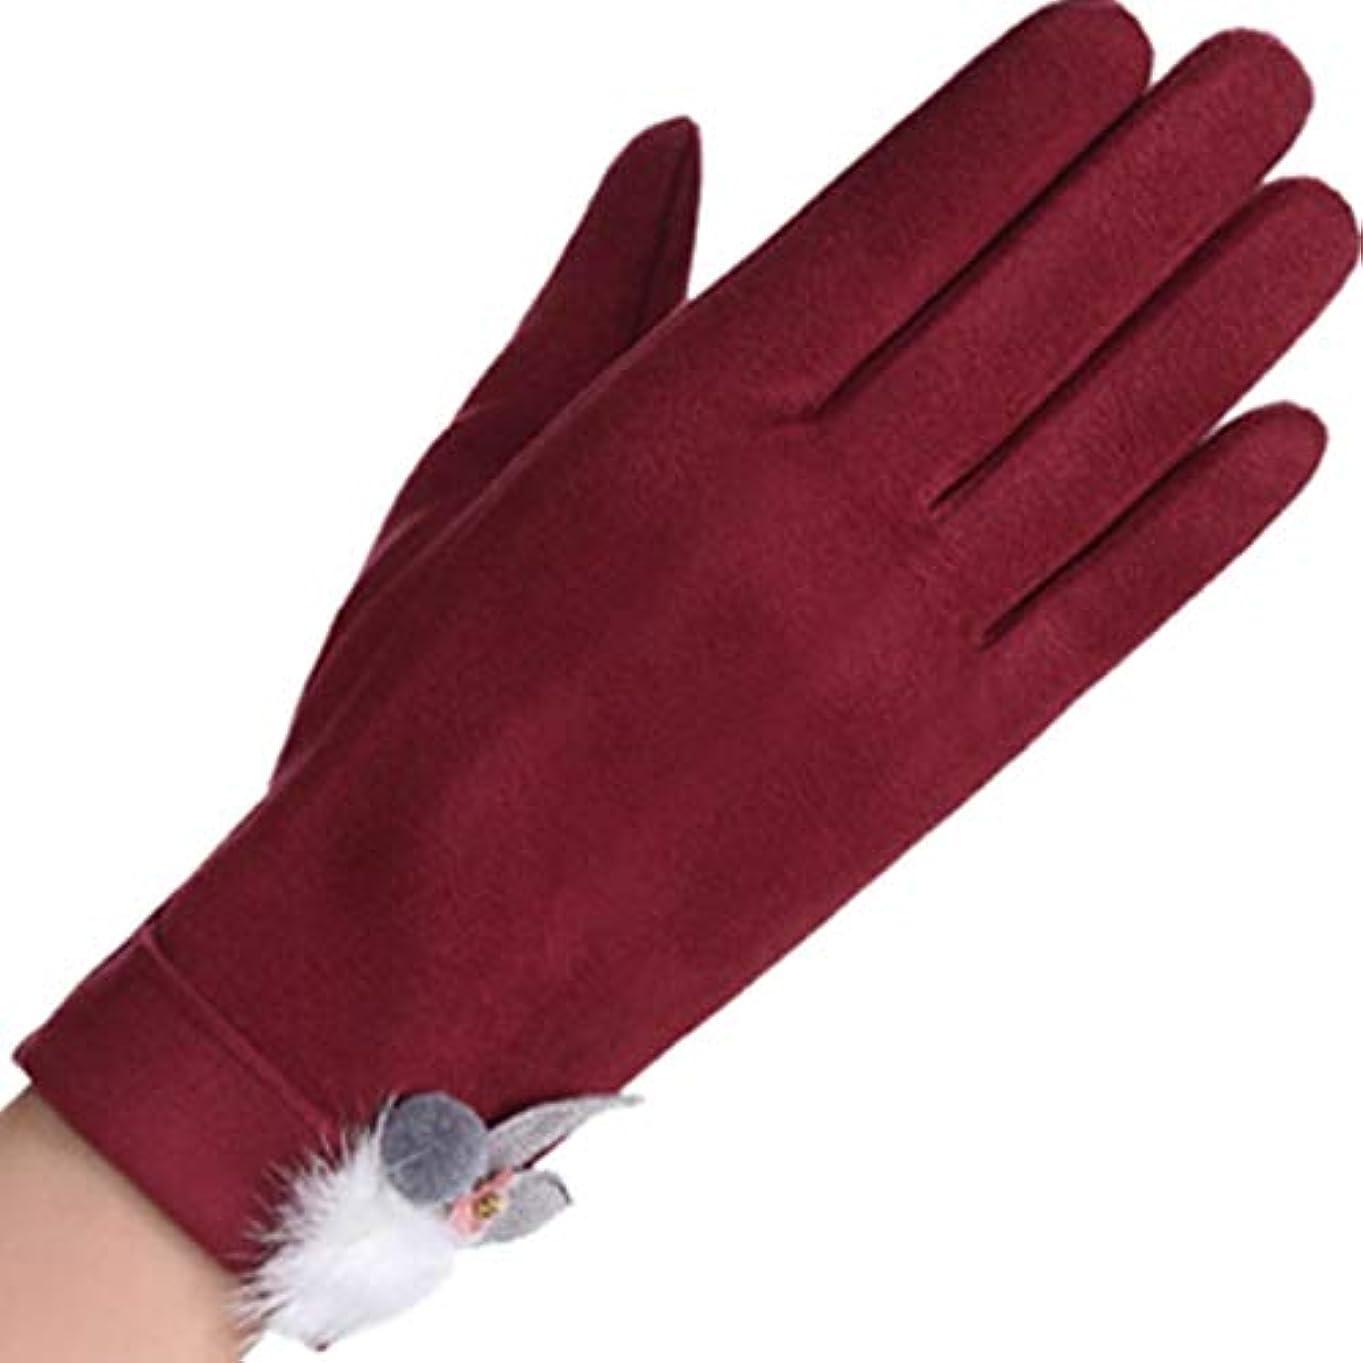 アグネスグレイプログレッシブ首尾一貫した手袋の女性の暖かいタッチスクリーンの手袋冬の防風プラスベルベットの女性の毛の手袋の黒ワインレッド (色 : 赤ワイン)